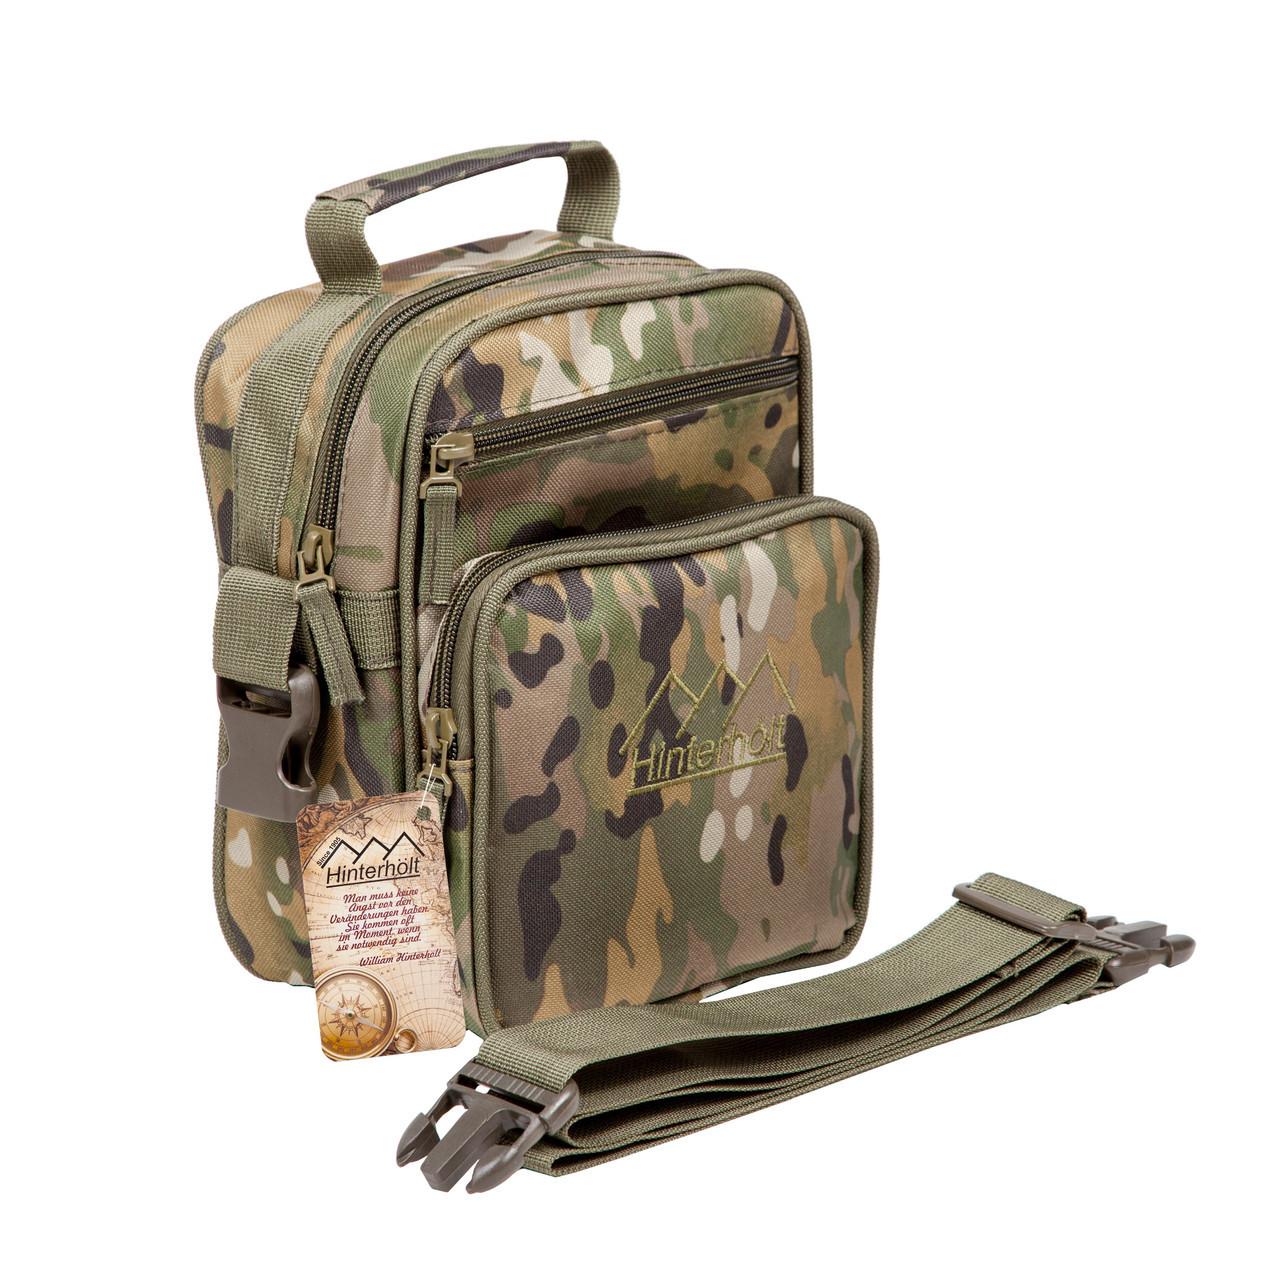 Тактическая военная сумка Hinterhölt Jab (Хинтерхёльт Джеб) плечевая на ремне Хаки Мультикам